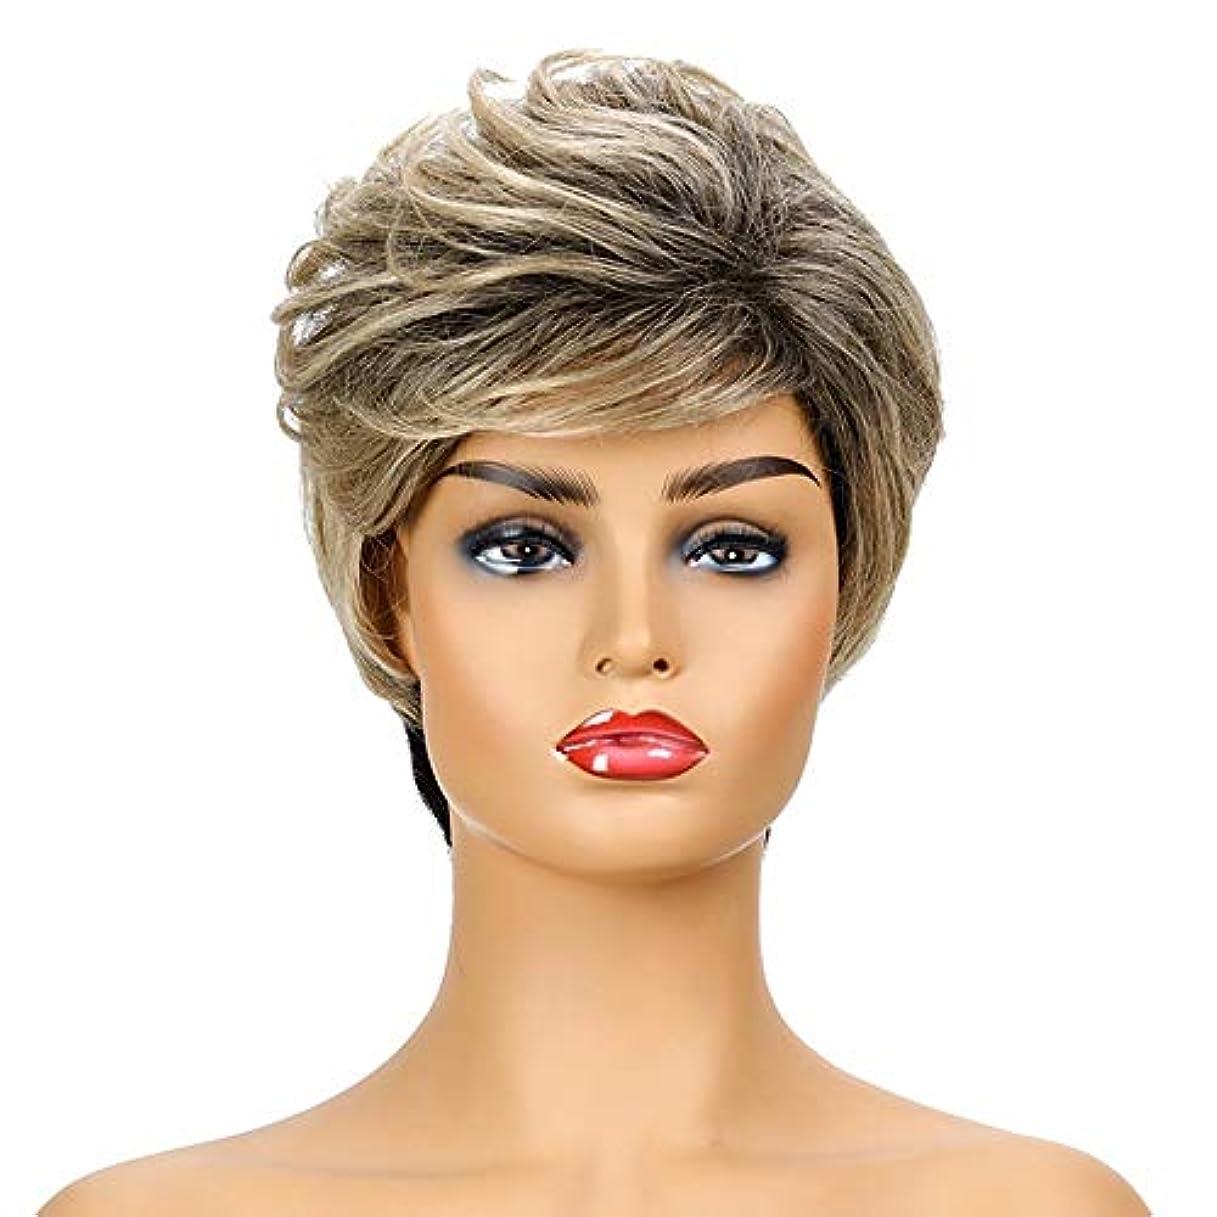 サークルアイドルアラーム女性の短いブロンドの巻き毛のかつら、女性の側部のかつら、黒人女性のための自然なかつら、合成衣装ハロウィンコスプレパーティーウィッグ(ウィッグキャップ付き)